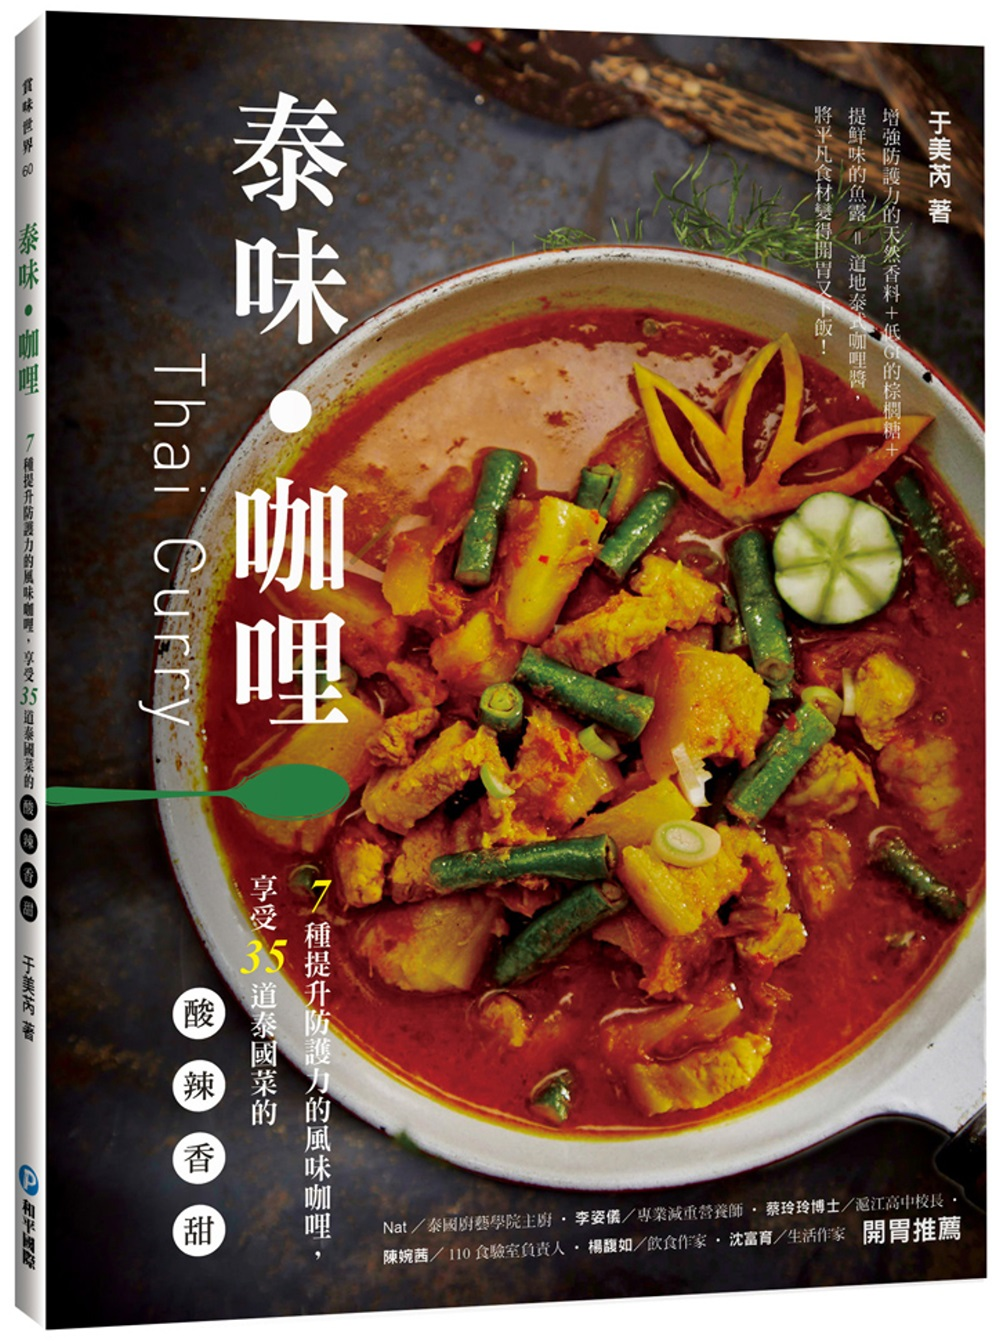 泰味咖哩:7種提升防護力的風味咖哩,享受35道泰國菜的酸‧辣‧香‧甜